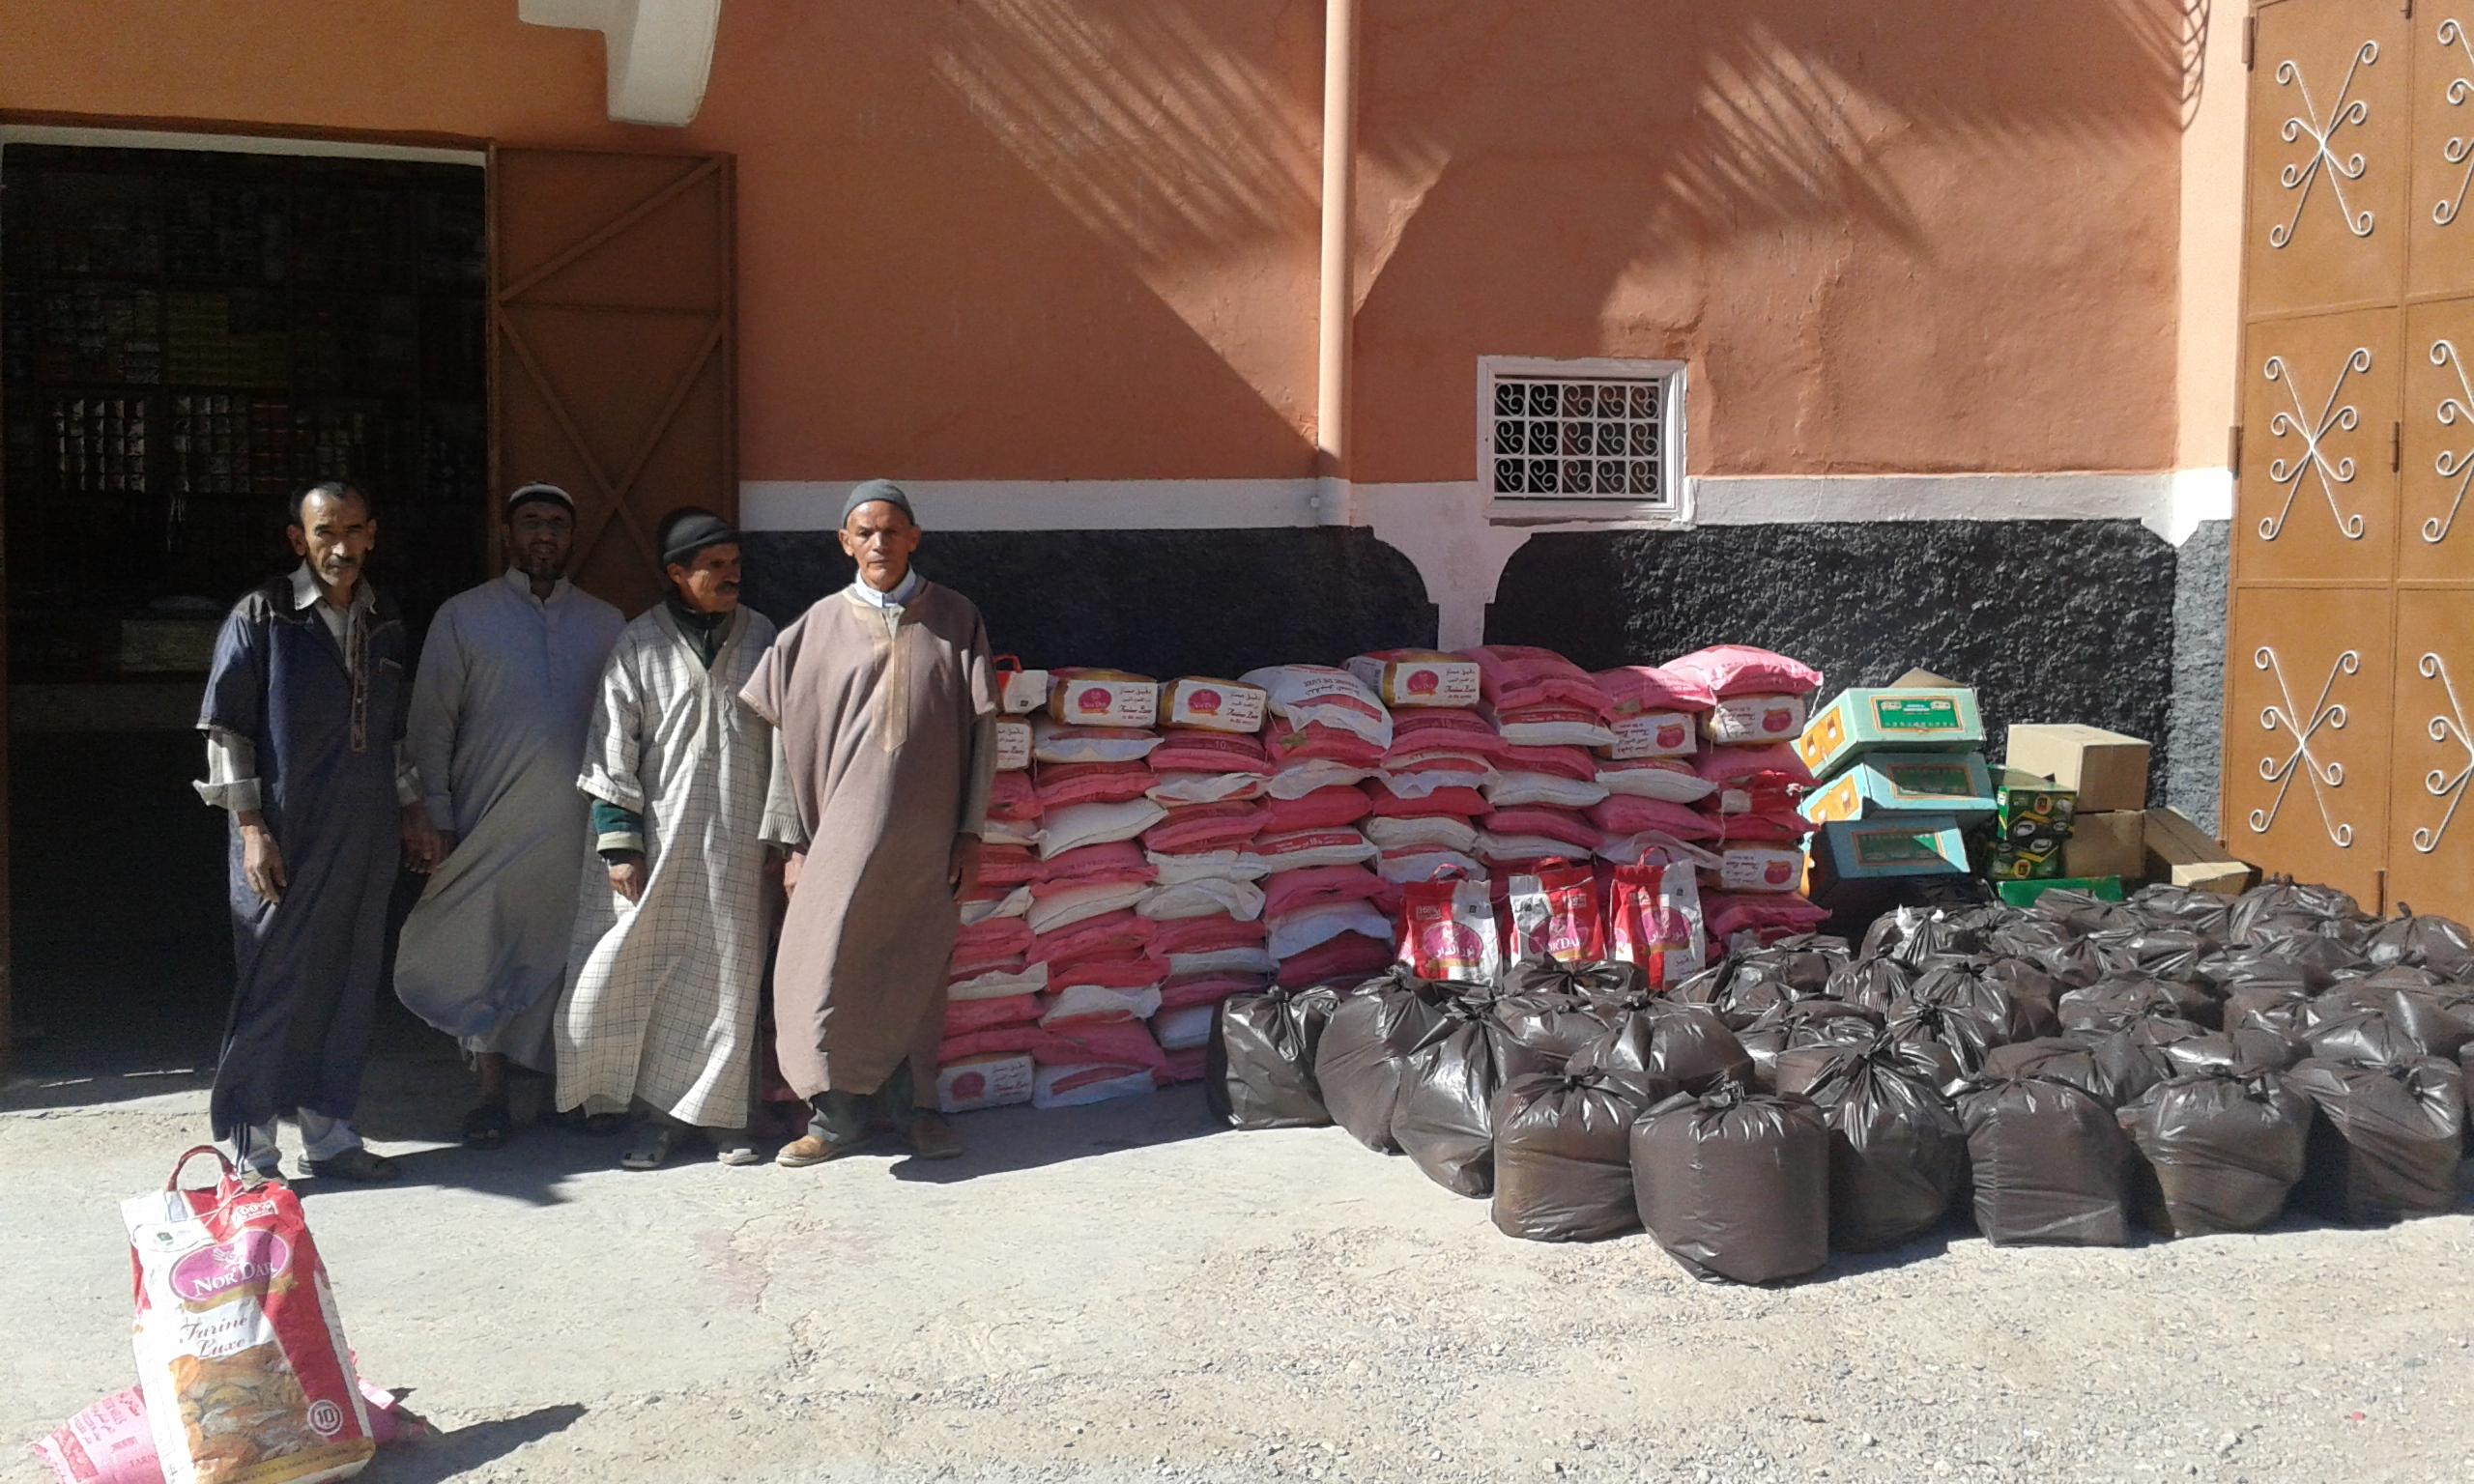 جمعية تيواضو للتنمية تكرم ساكنة دوارها بمناسبة شهر رمضان الكريم